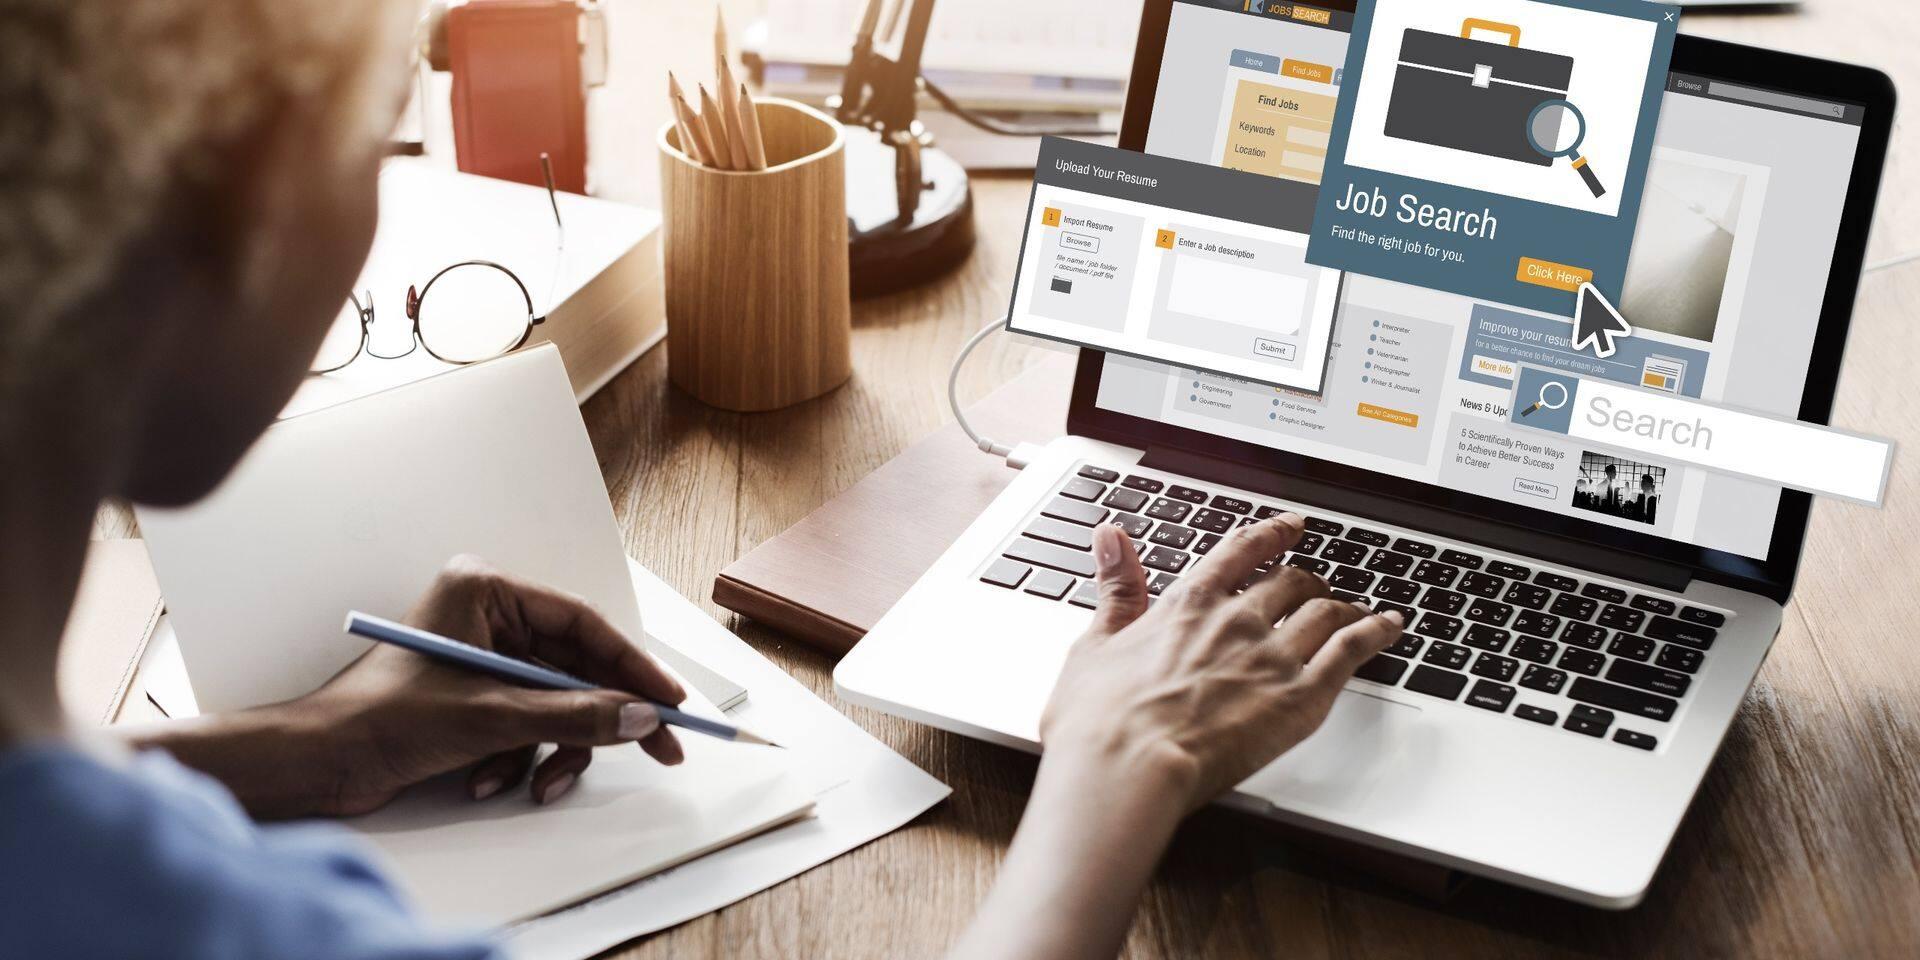 Les embauches en berne à cause de la crise